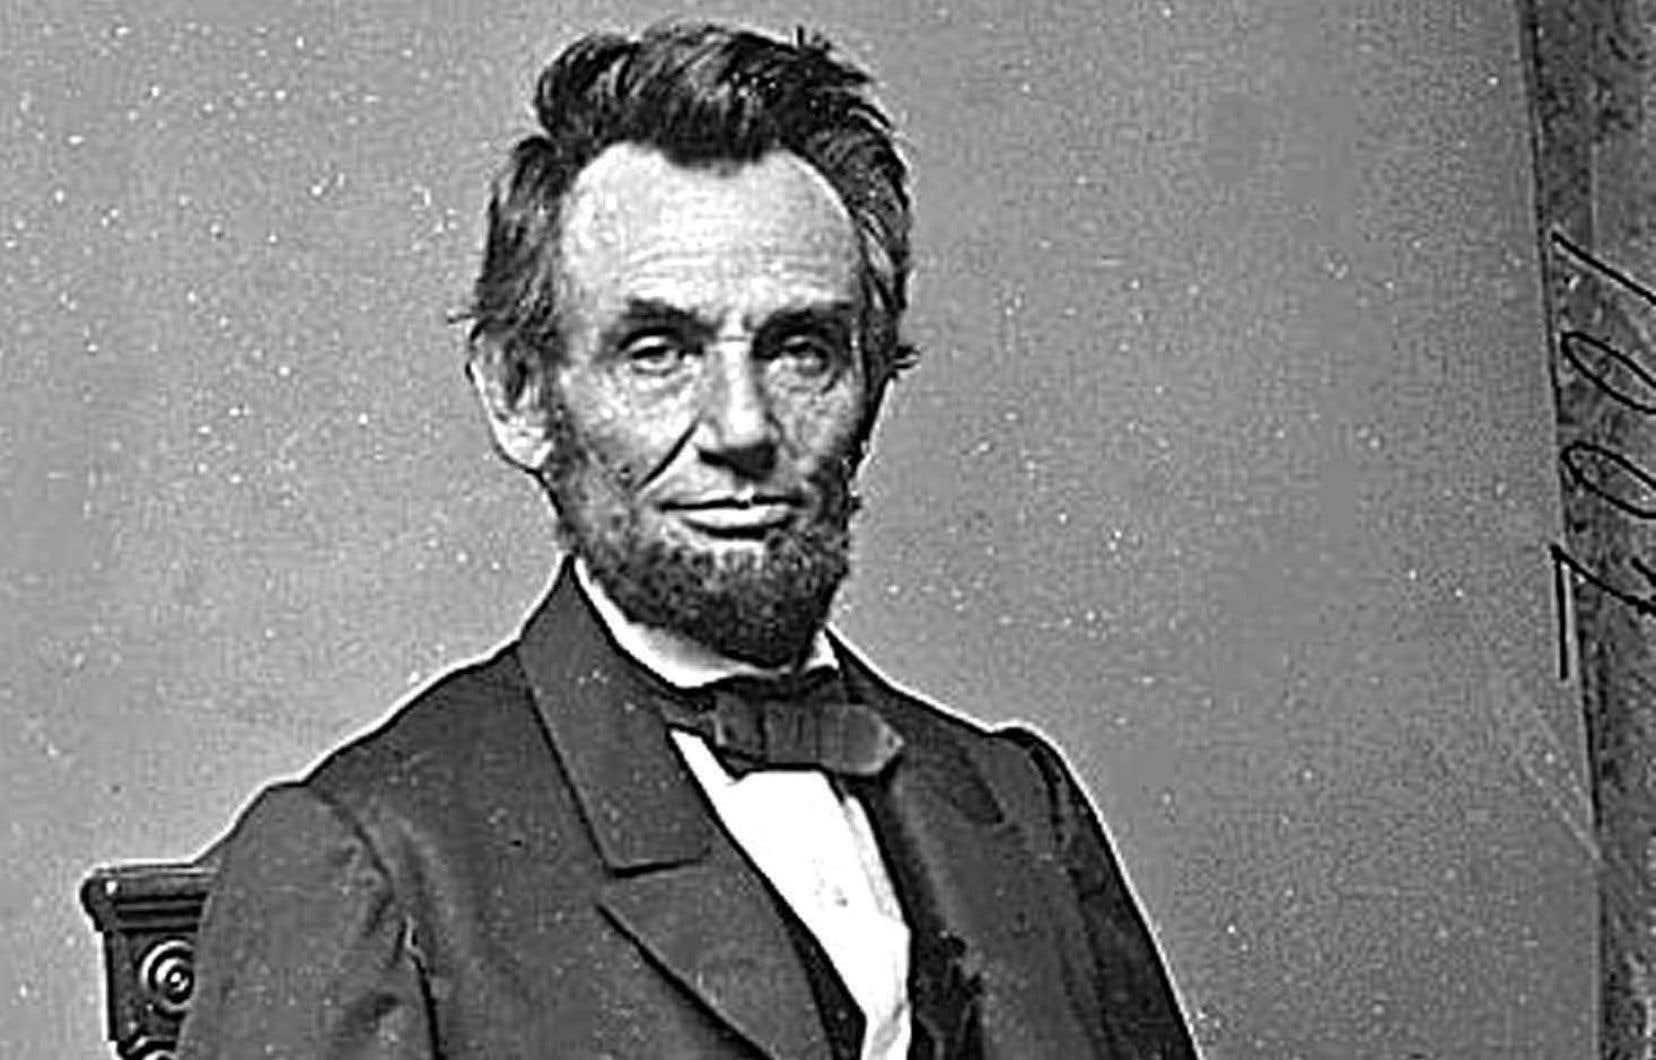 Le livre de George Sanders présente un Lincoln marqué par le deuil et la mort de trois des quatre enfants qu'il a eus avec Mary Todd, décédés avant d'arriver à l'âge adulte.